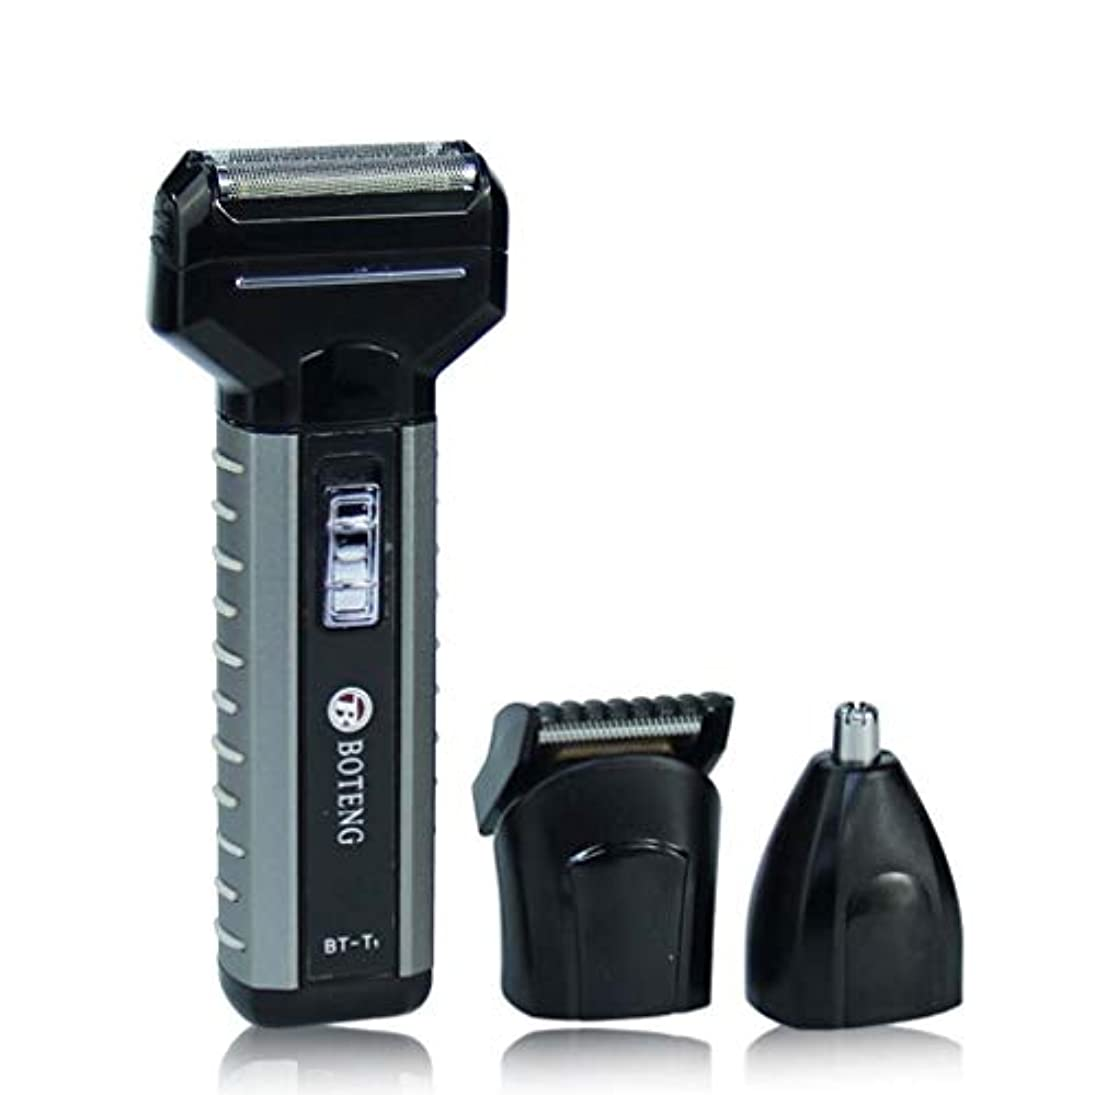 効率的放出発疹頭と顔のための男性の電気カミソリ用USB充電式電気シェーバー、防水トリマーコードレス